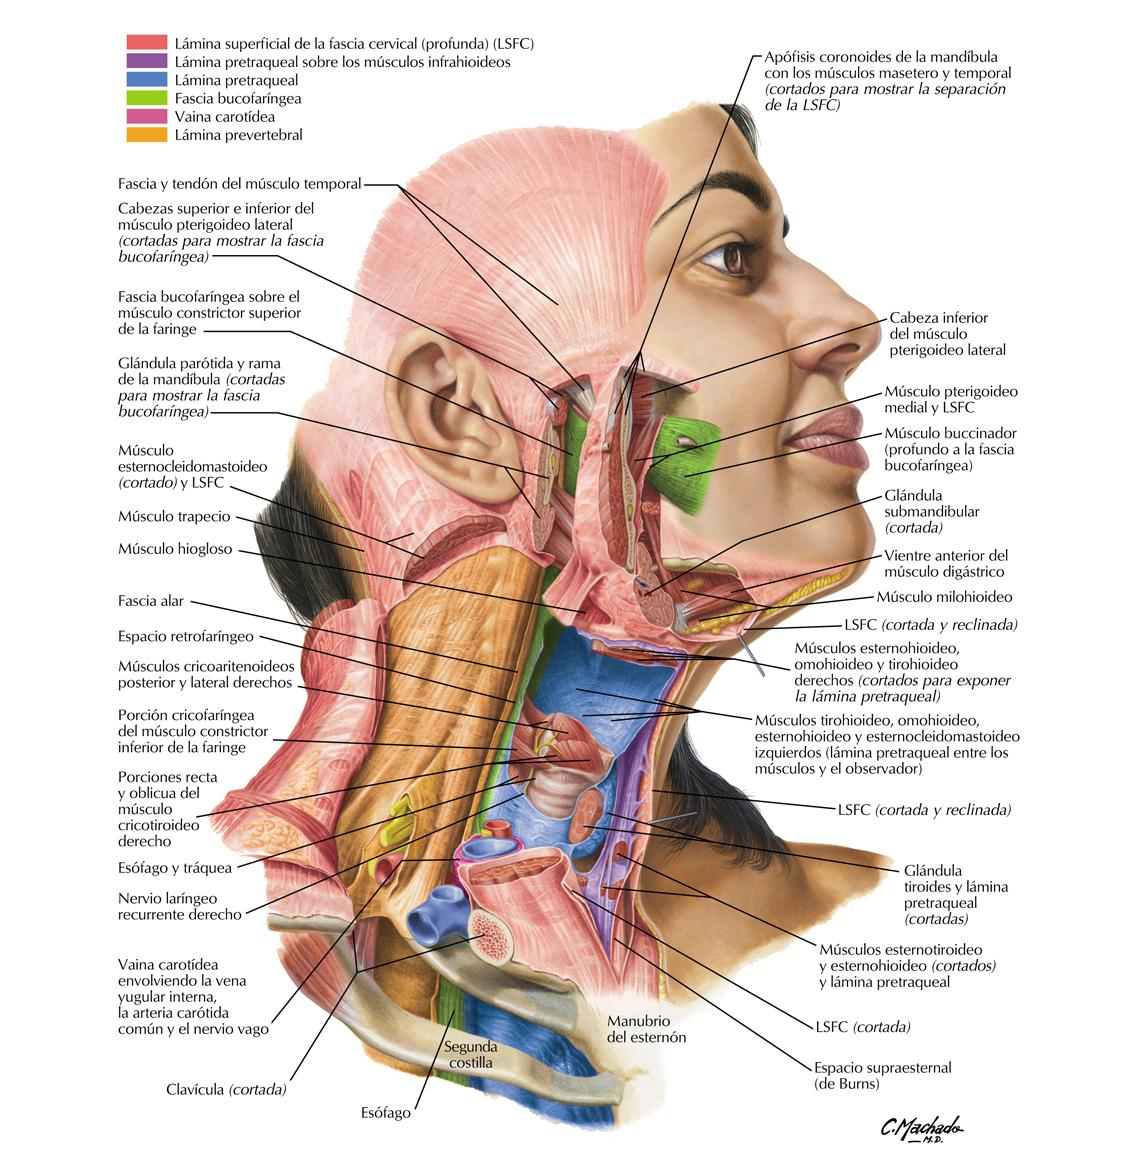 La historia detrás del 'Atlas de anatomía humana' de Netter